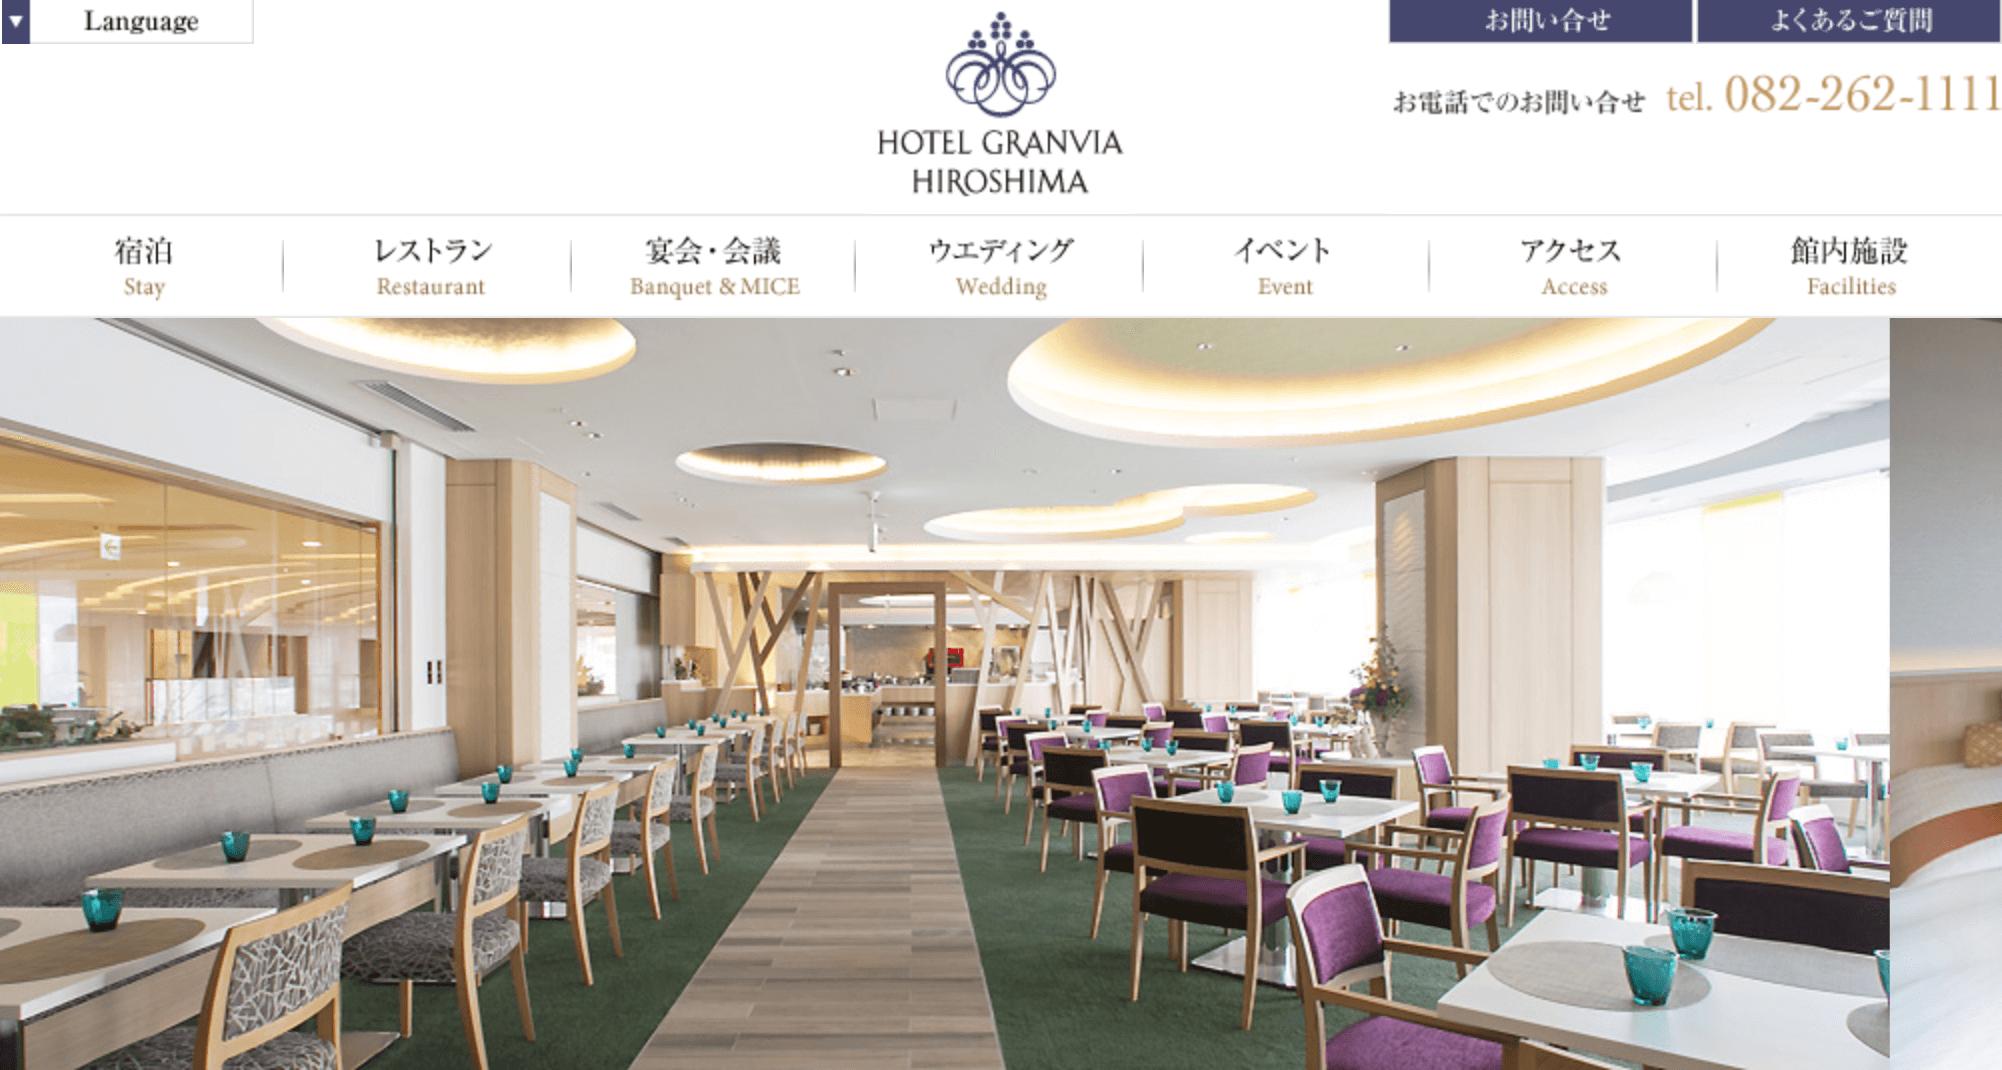 広島でパパ活におすすめなホテル「ホテルグランヴィア広島」